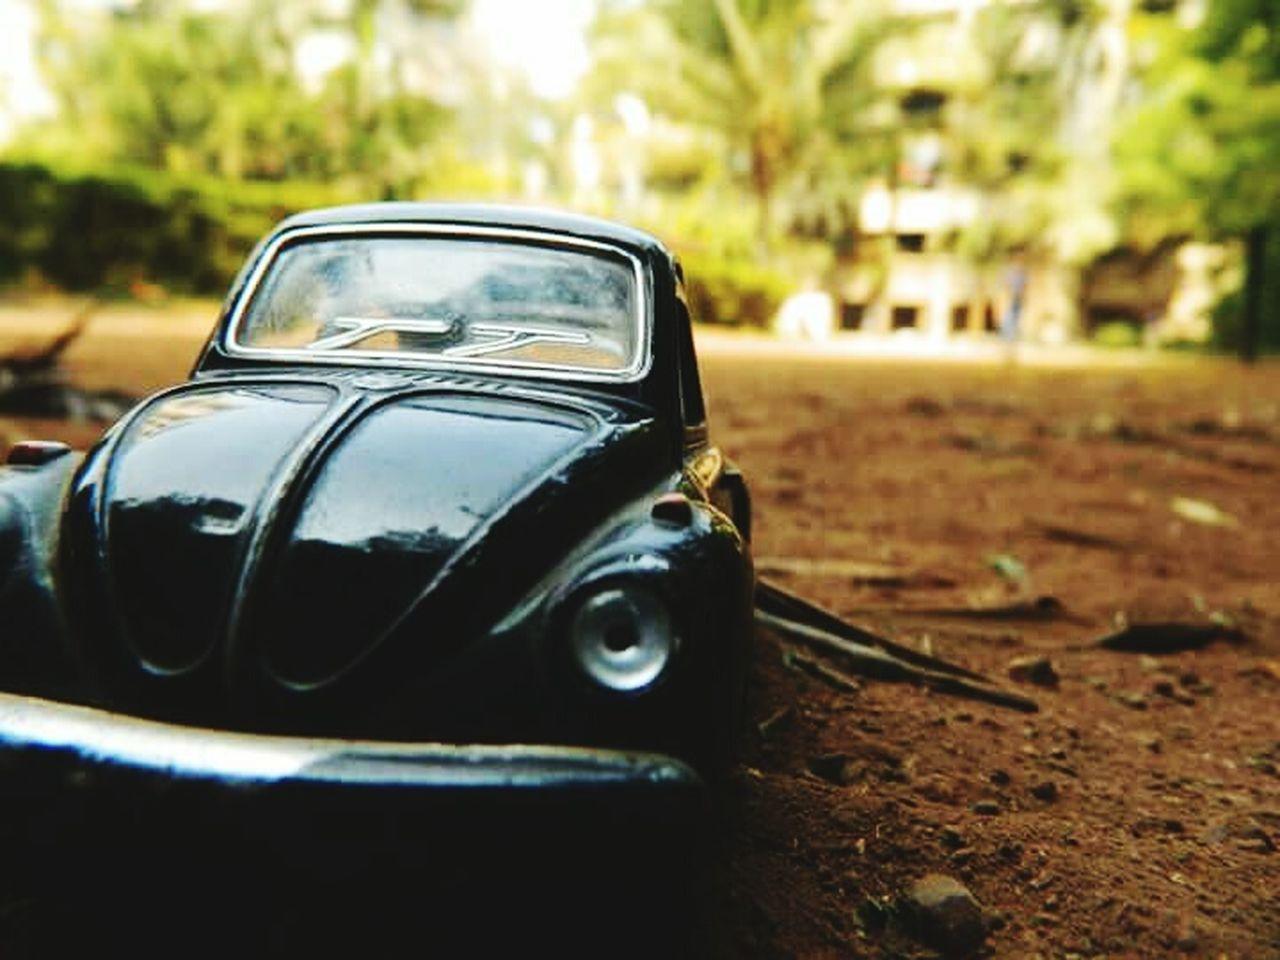 Vintage car Its A Toy Car .... First Eyeem Photo